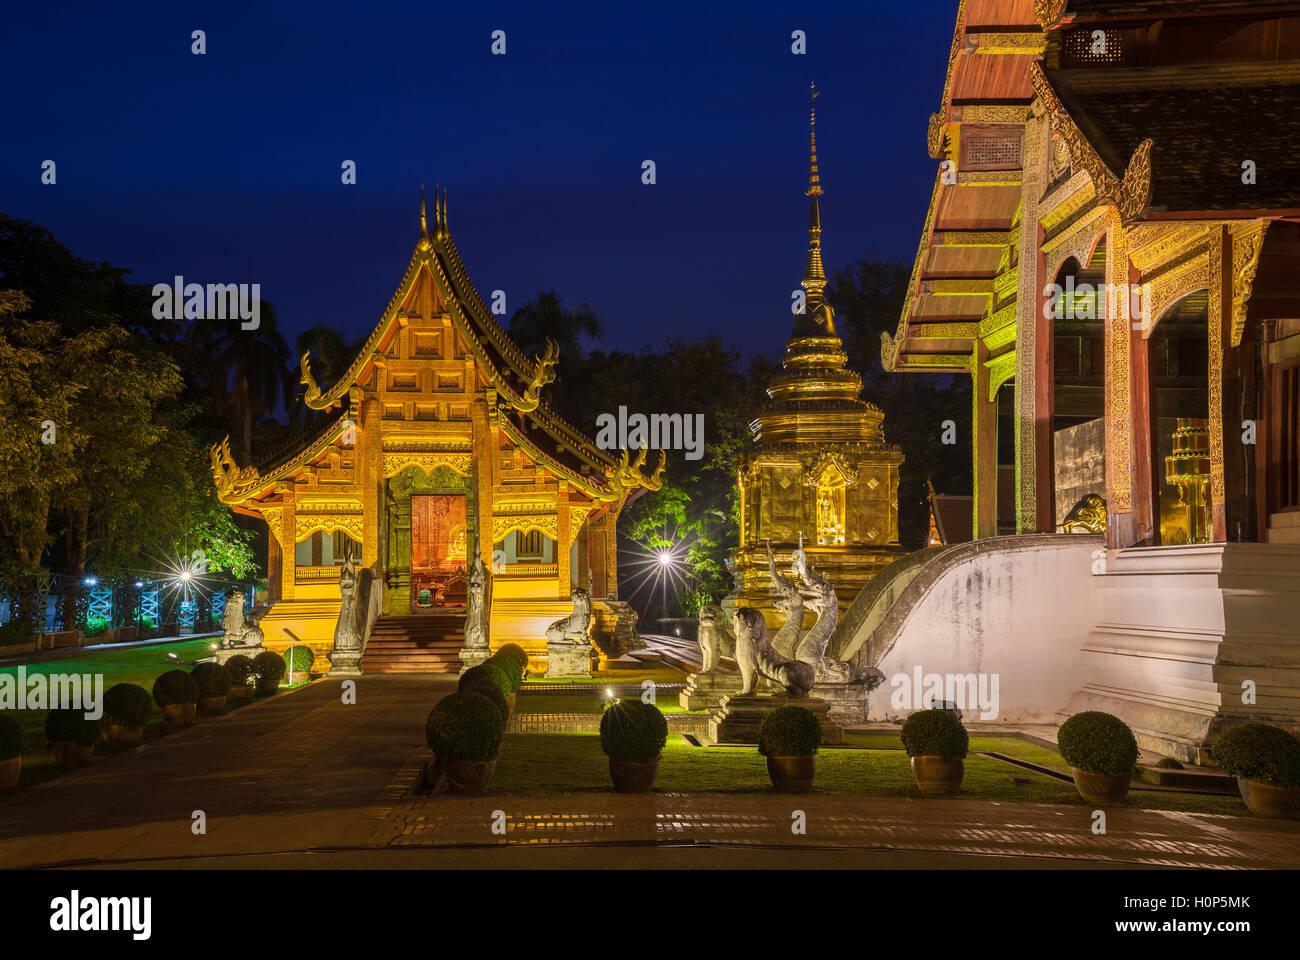 Crépuscule sur le temple Wat Phra Singh, le temple le plus vénéré de Chiang Mai, Thaïlande. Photo Stock